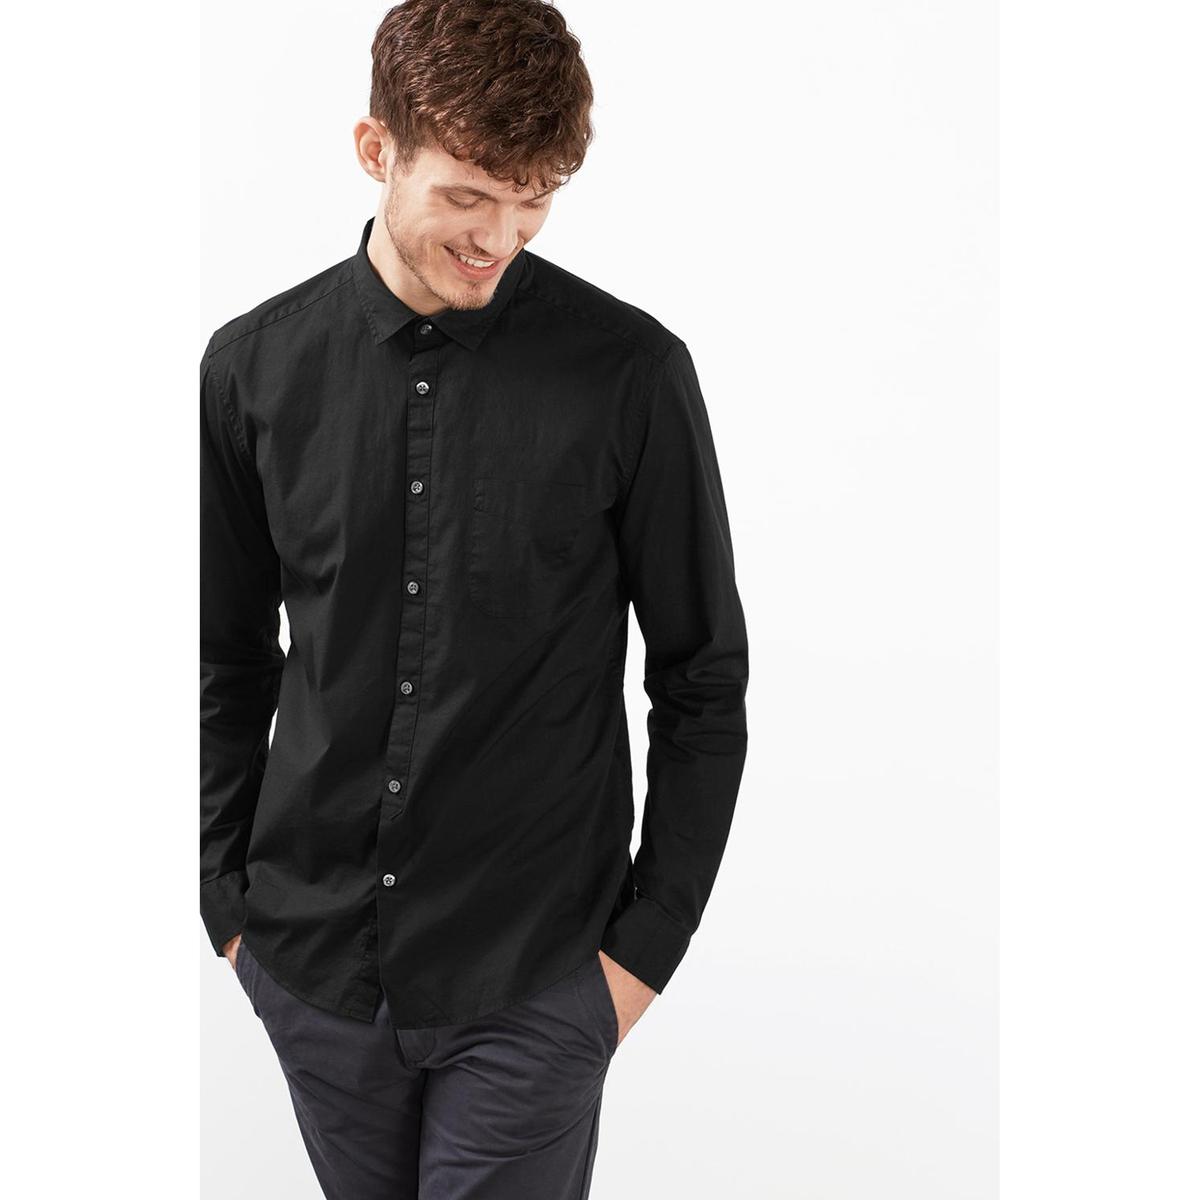 Рубашка с длинными рукавамиСостав и описаниеМатериал: 97% хлопка, 3% эластана. Марка: ESPRIT.<br><br>Цвет: черный<br>Размер: L